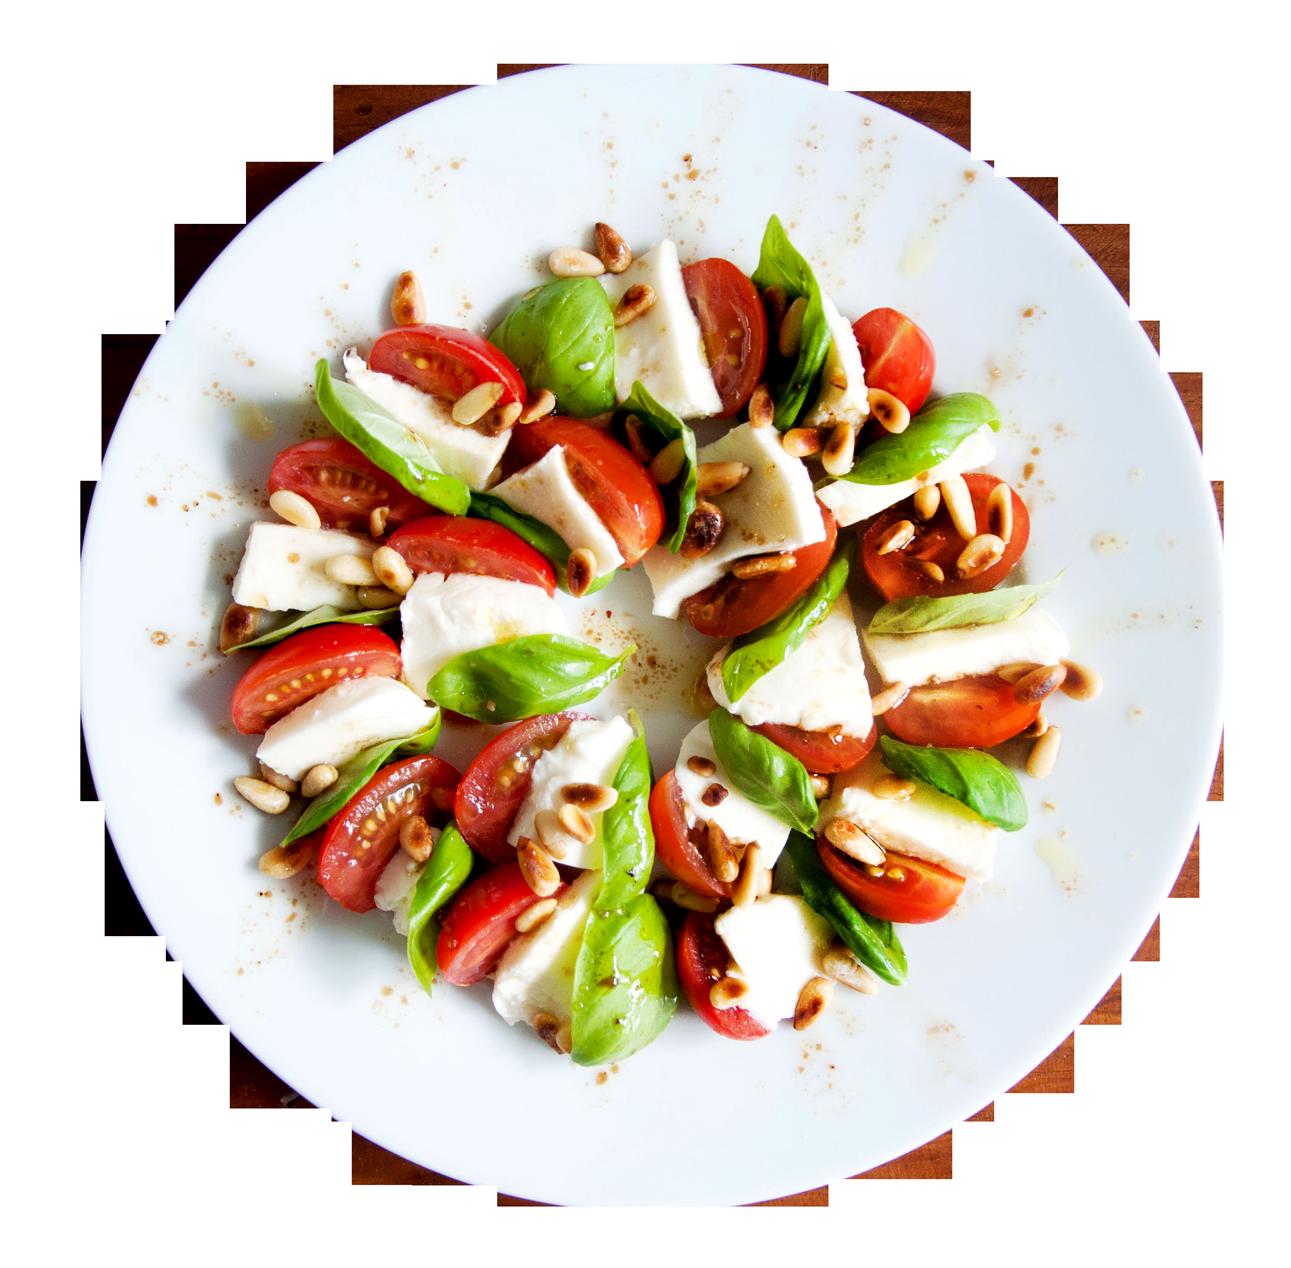 Tomato Salad PNG Image - Salad PNG